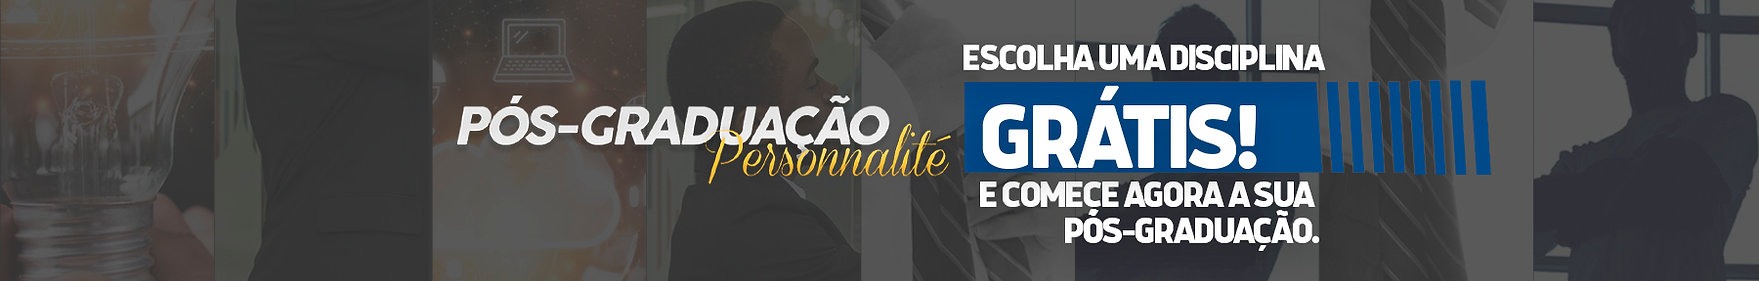 TOPO POS DISCIPLINAS GRÁTIS GESTÃO.jpg